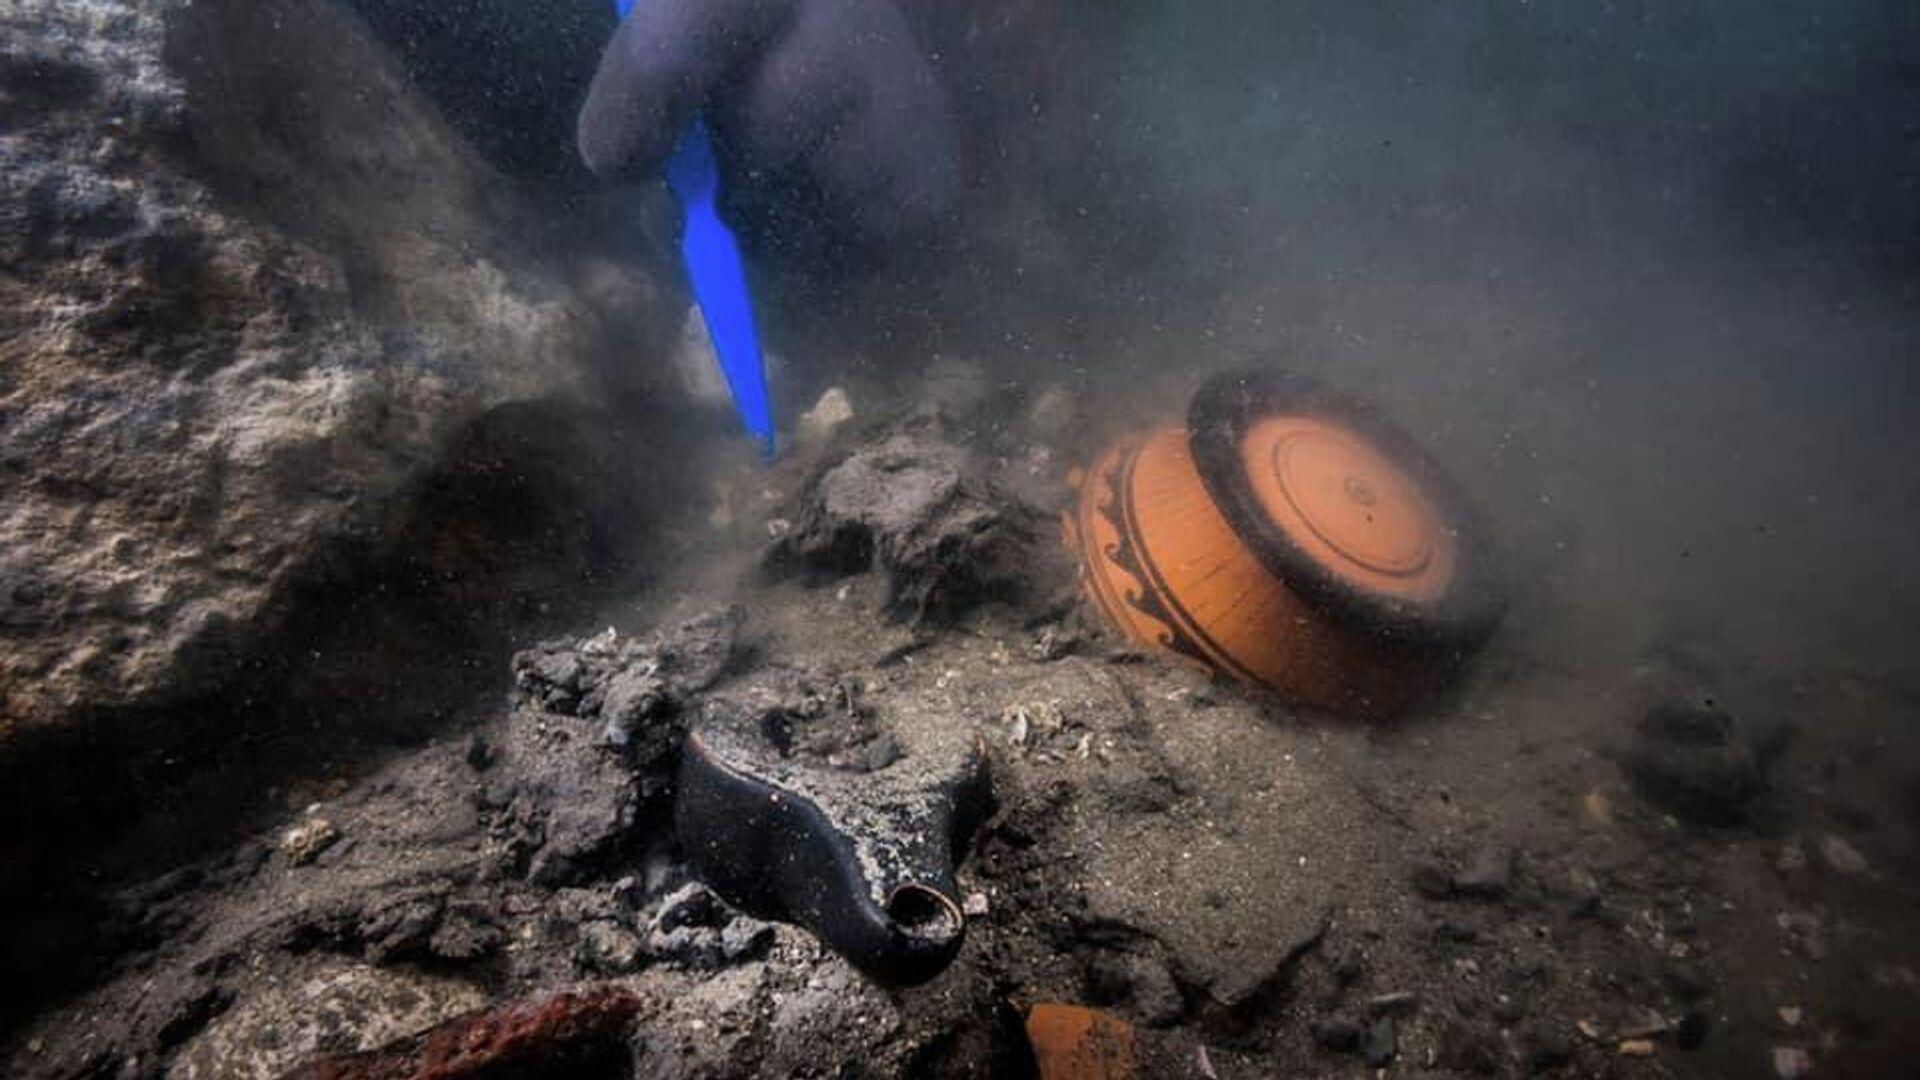 Египетско-французская археологическая экспедиция обнаружила обломки военного корабля в заливе Абу-Кир - РИА Новости, 1920, 21.07.2021